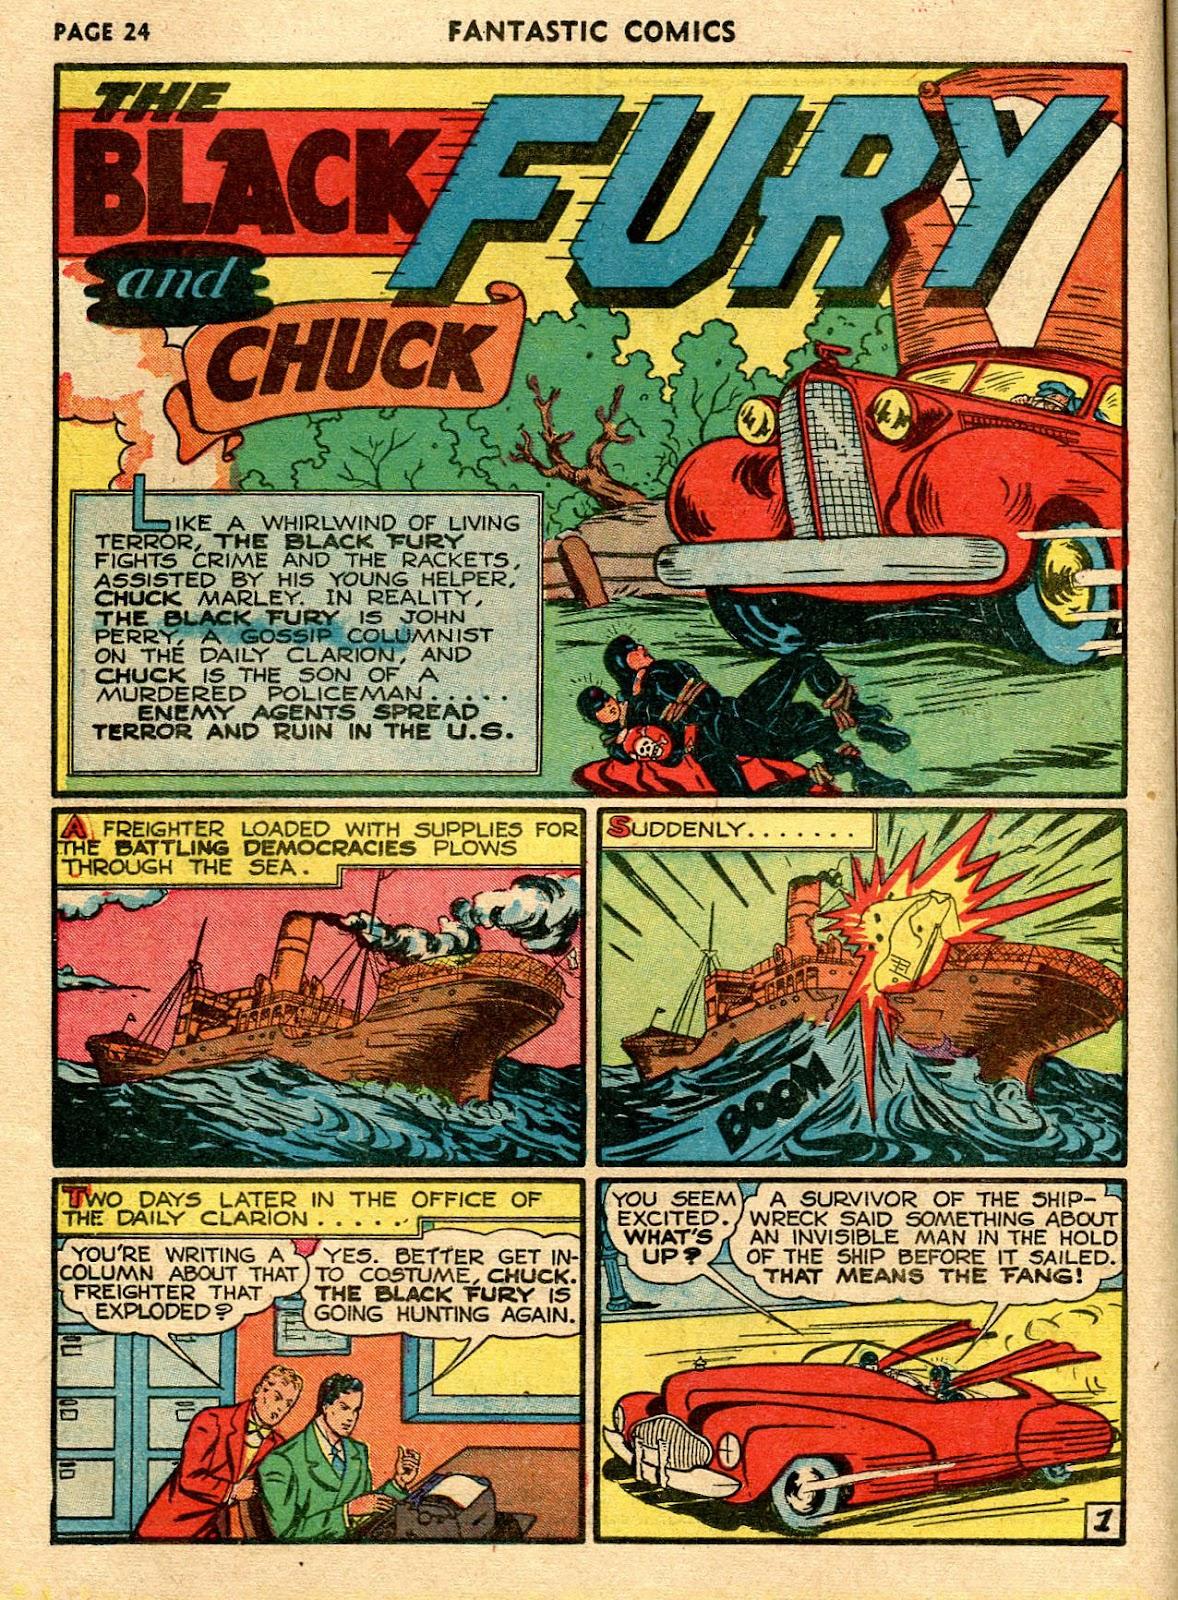 Read online Fantastic Comics comic -  Issue #21 - 26